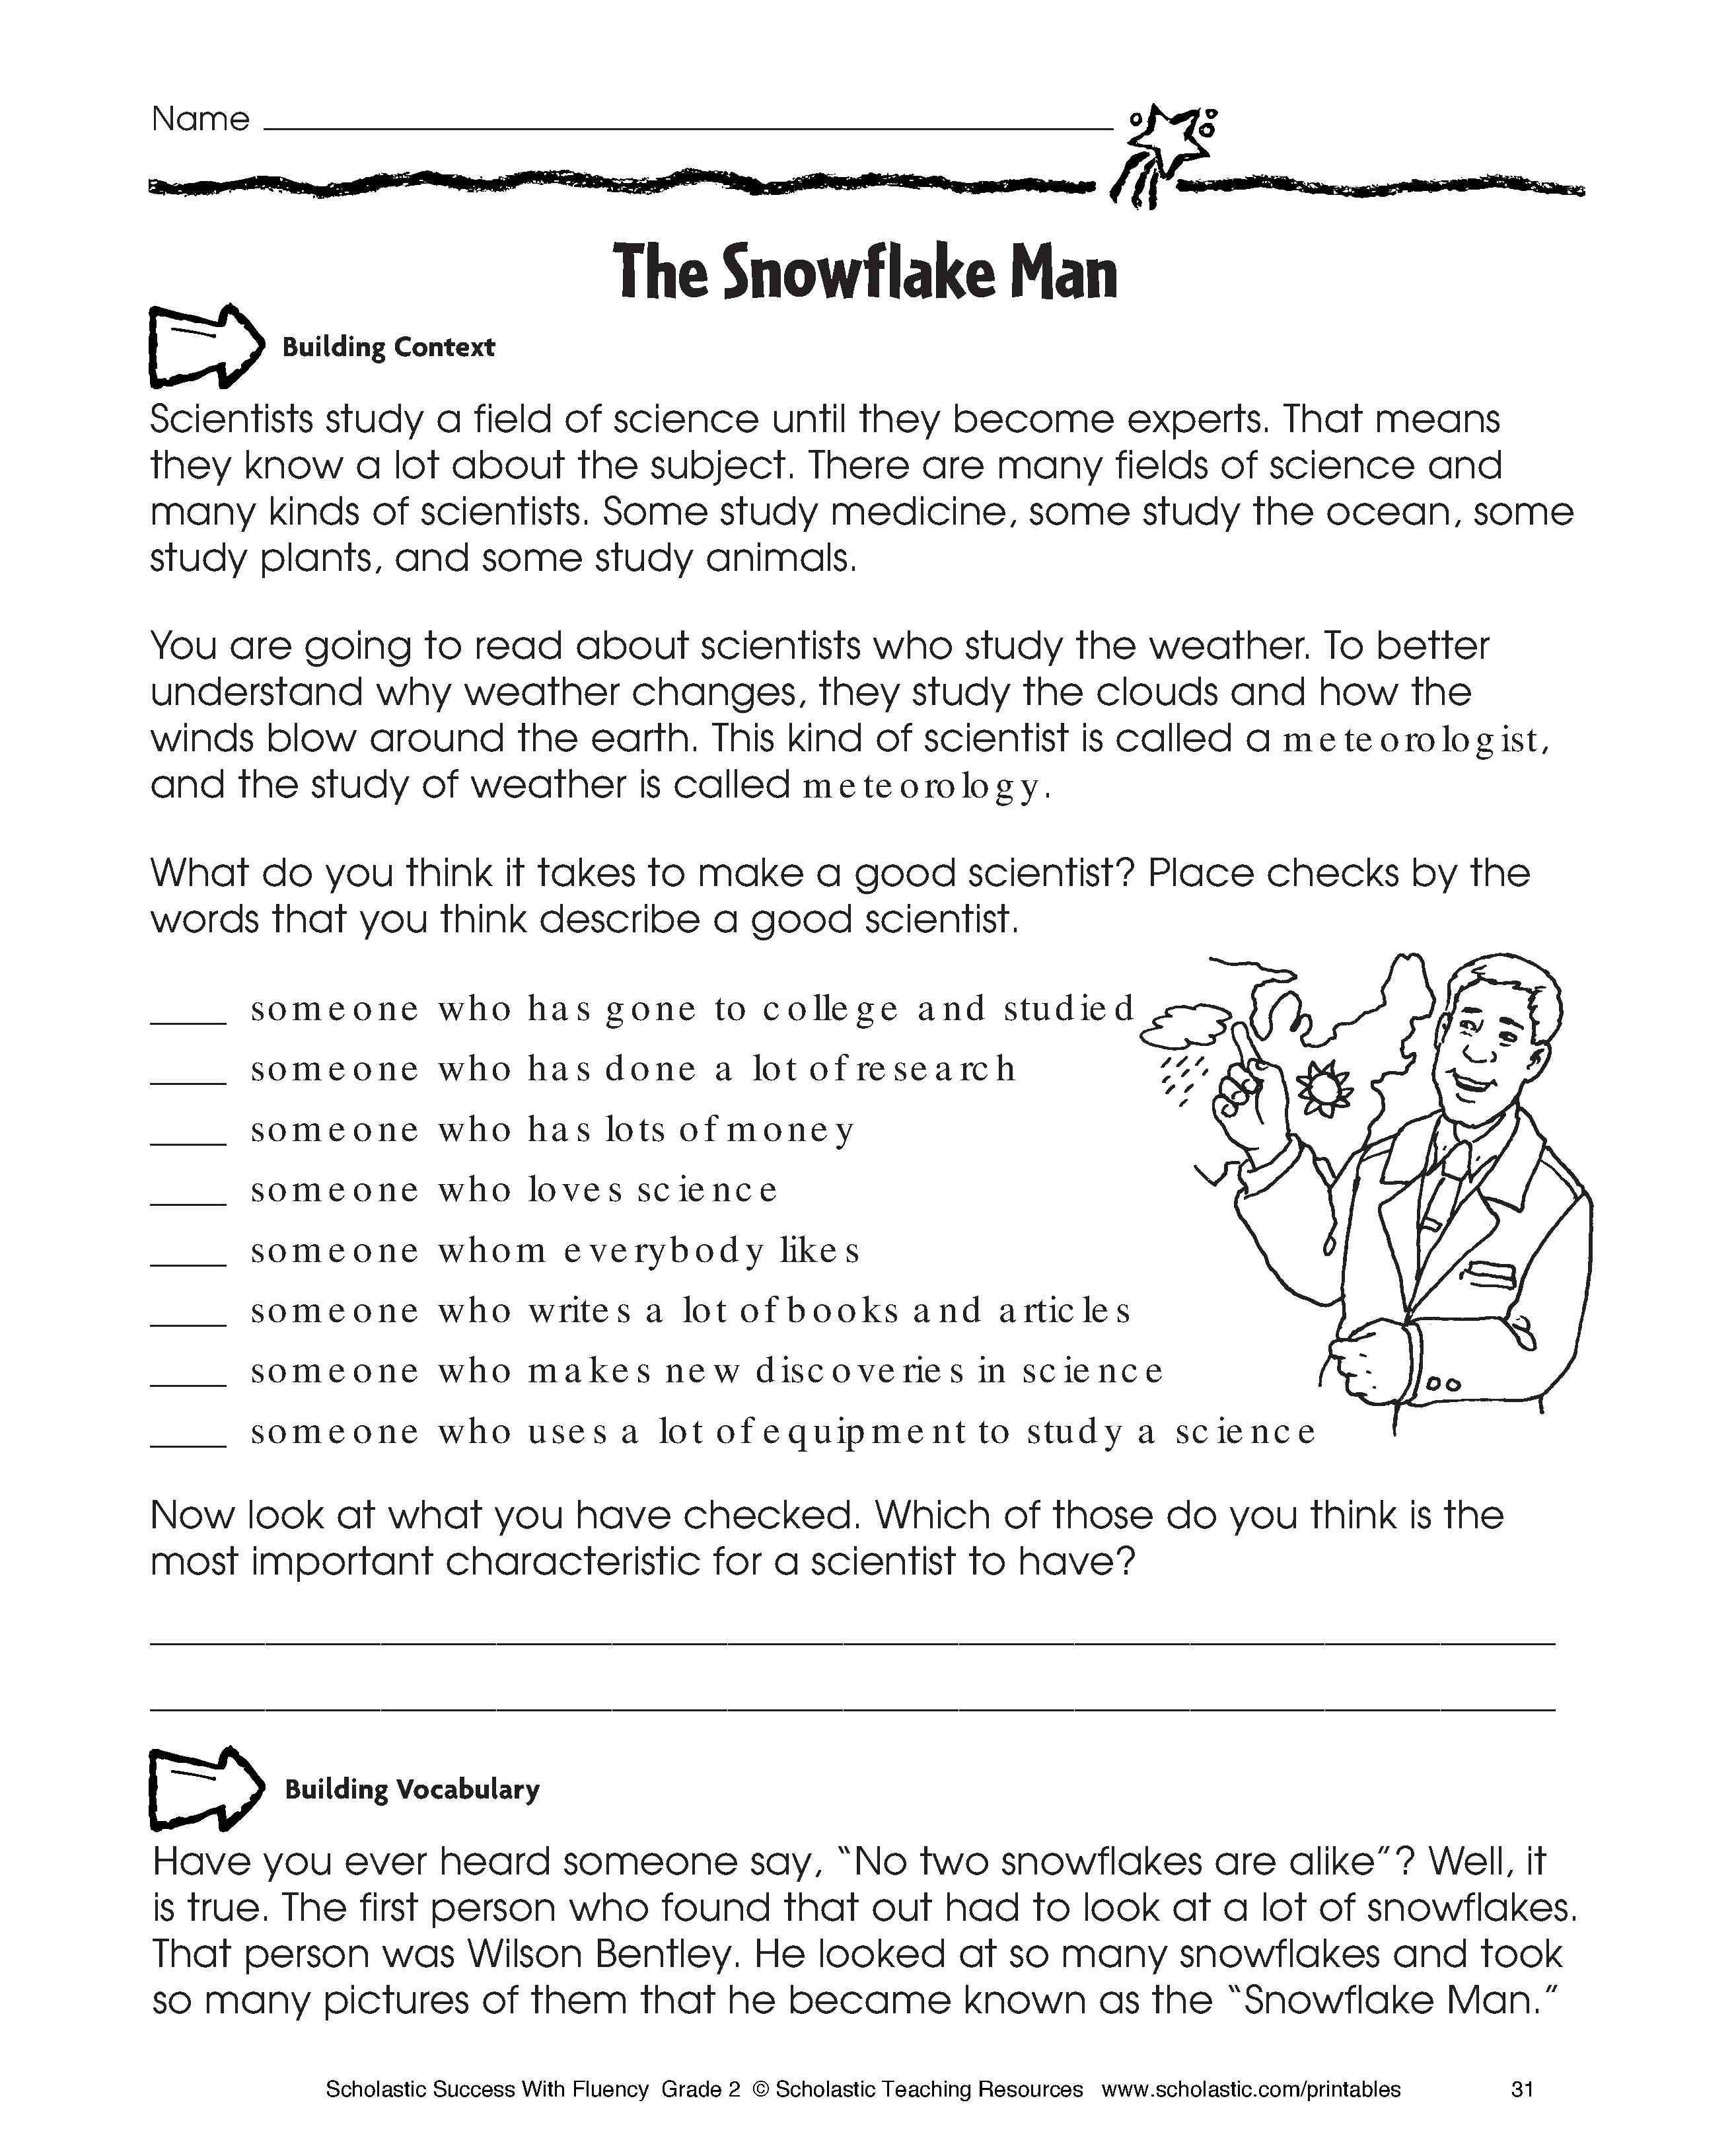 38 Innovative Reading Comprehension Worksheets Design